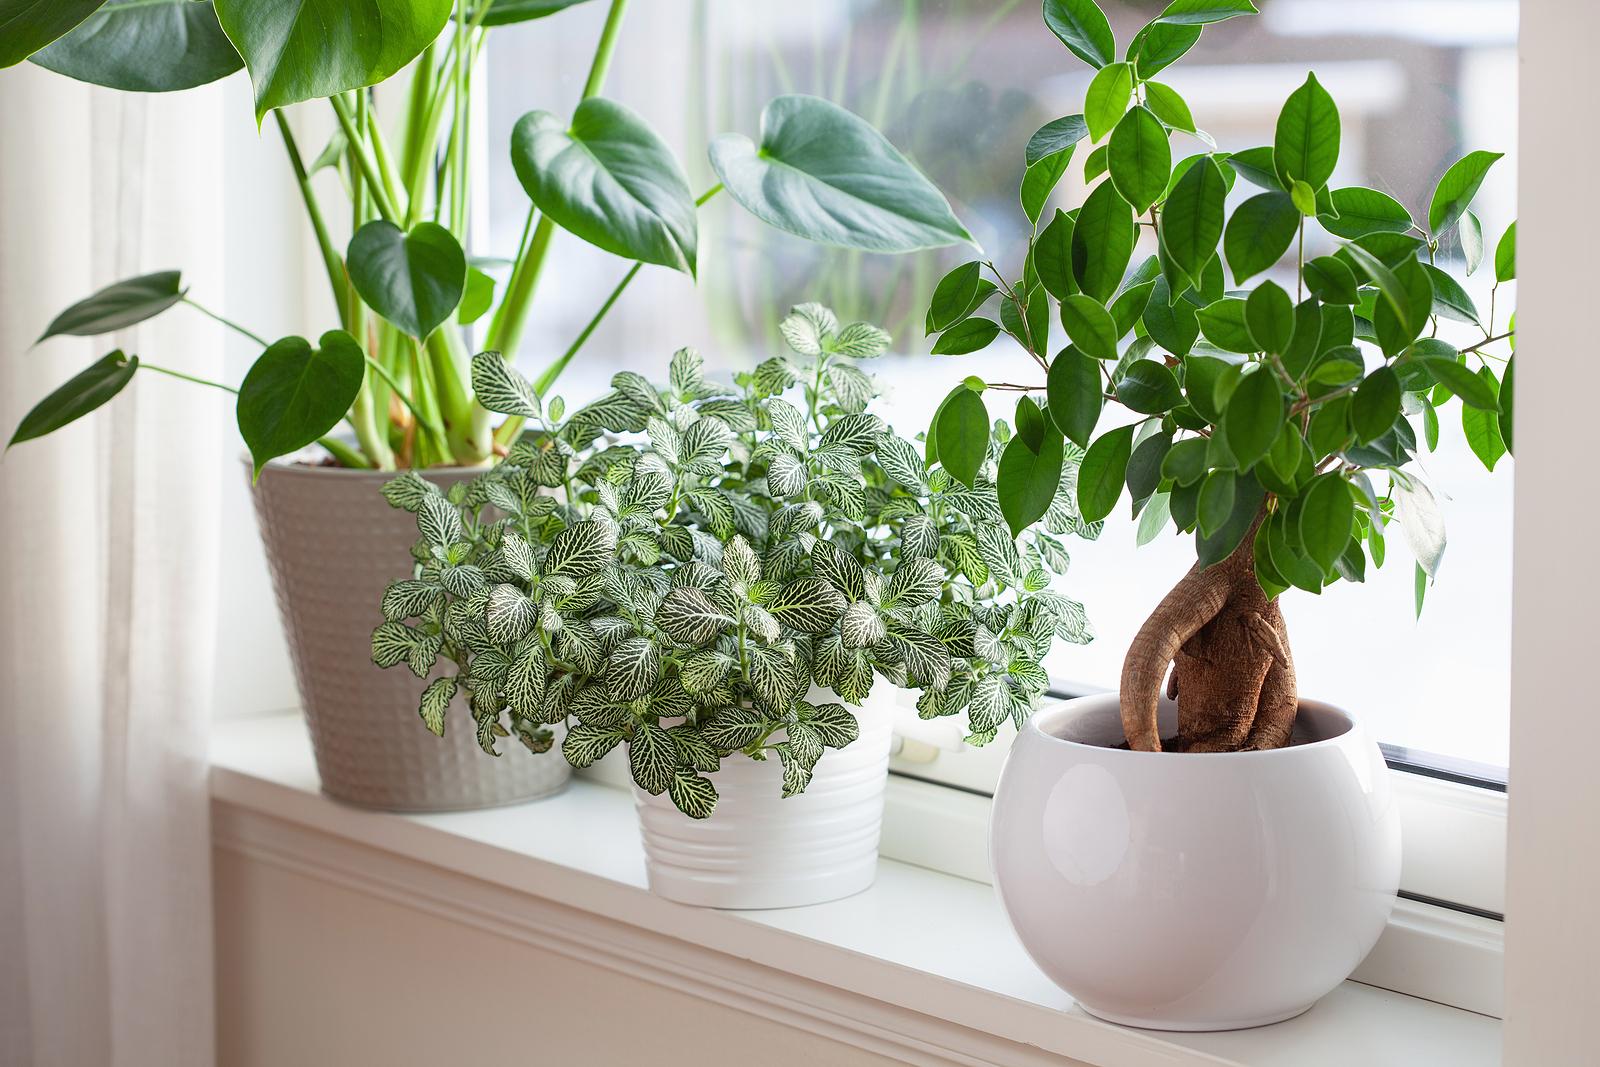 houseplants in window